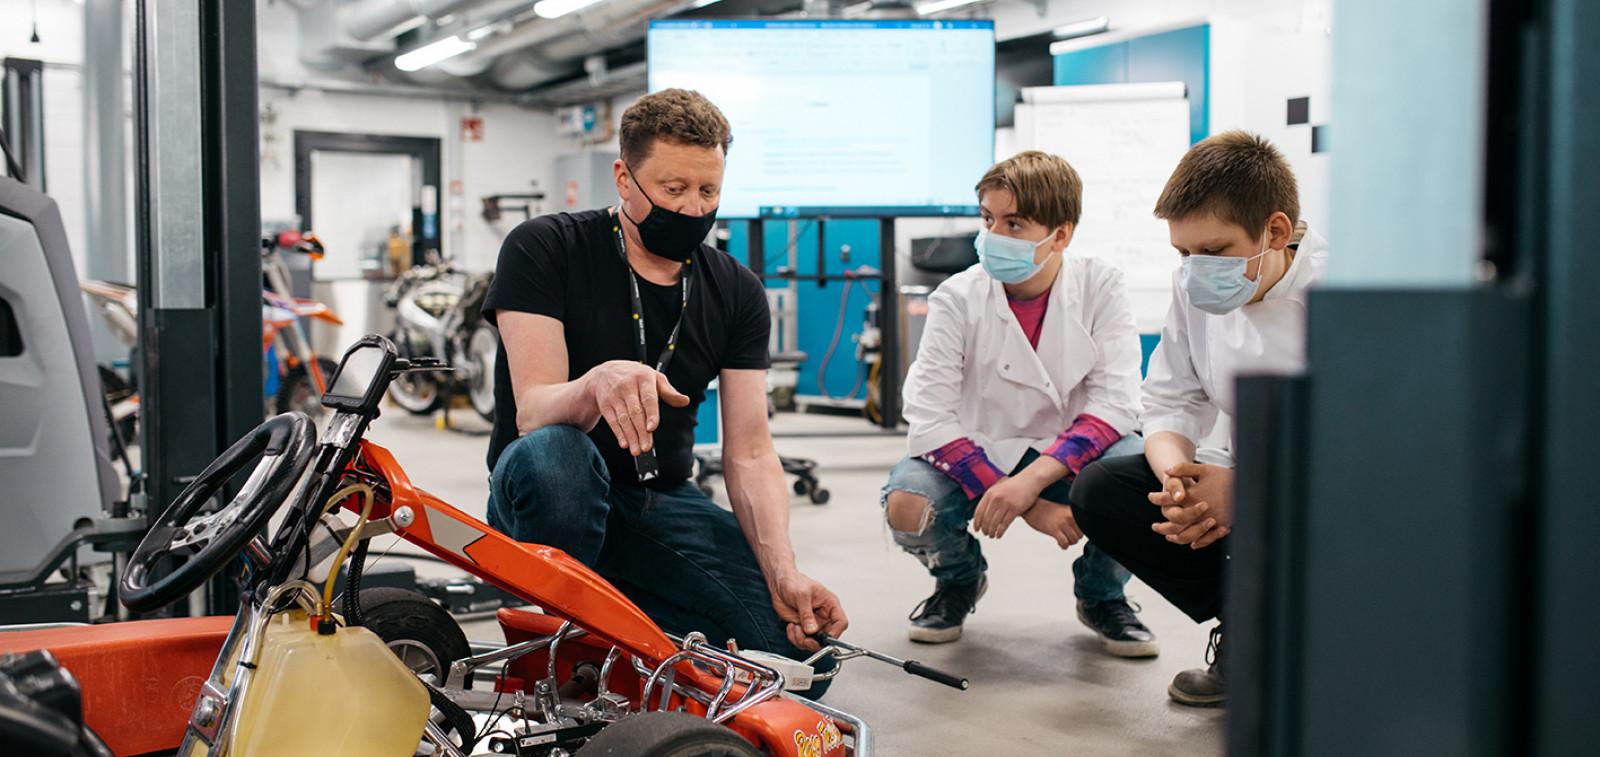 Mikaelin koulun oppilaat tutustuvat Juniori AMK:n autolaboratorioon